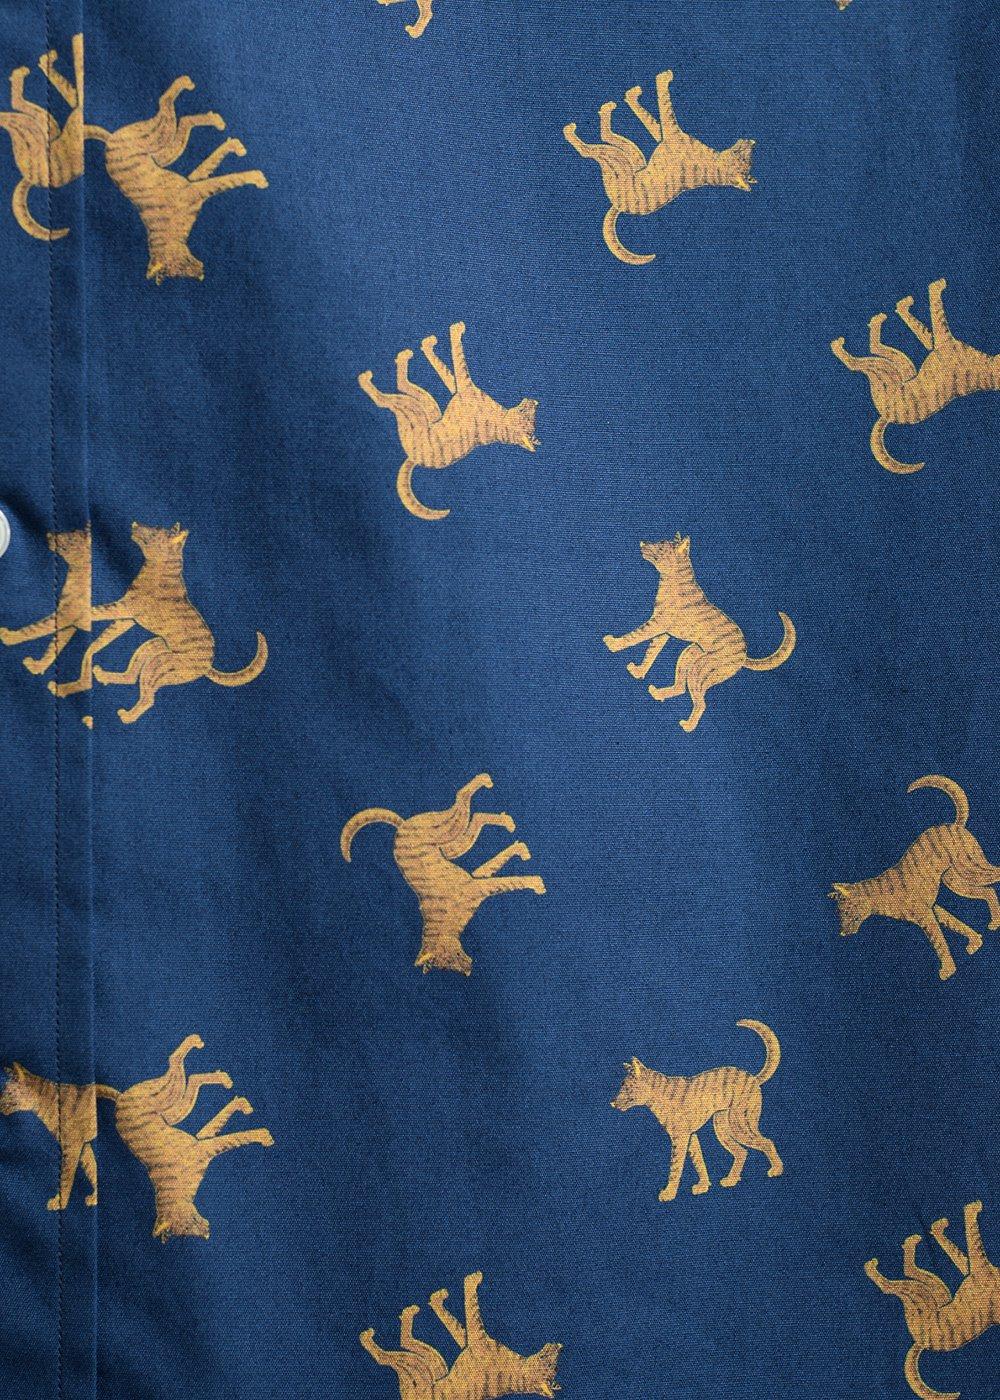 かりゆしウェア(沖縄版アロハシャツ) MAJUN - 琉球犬